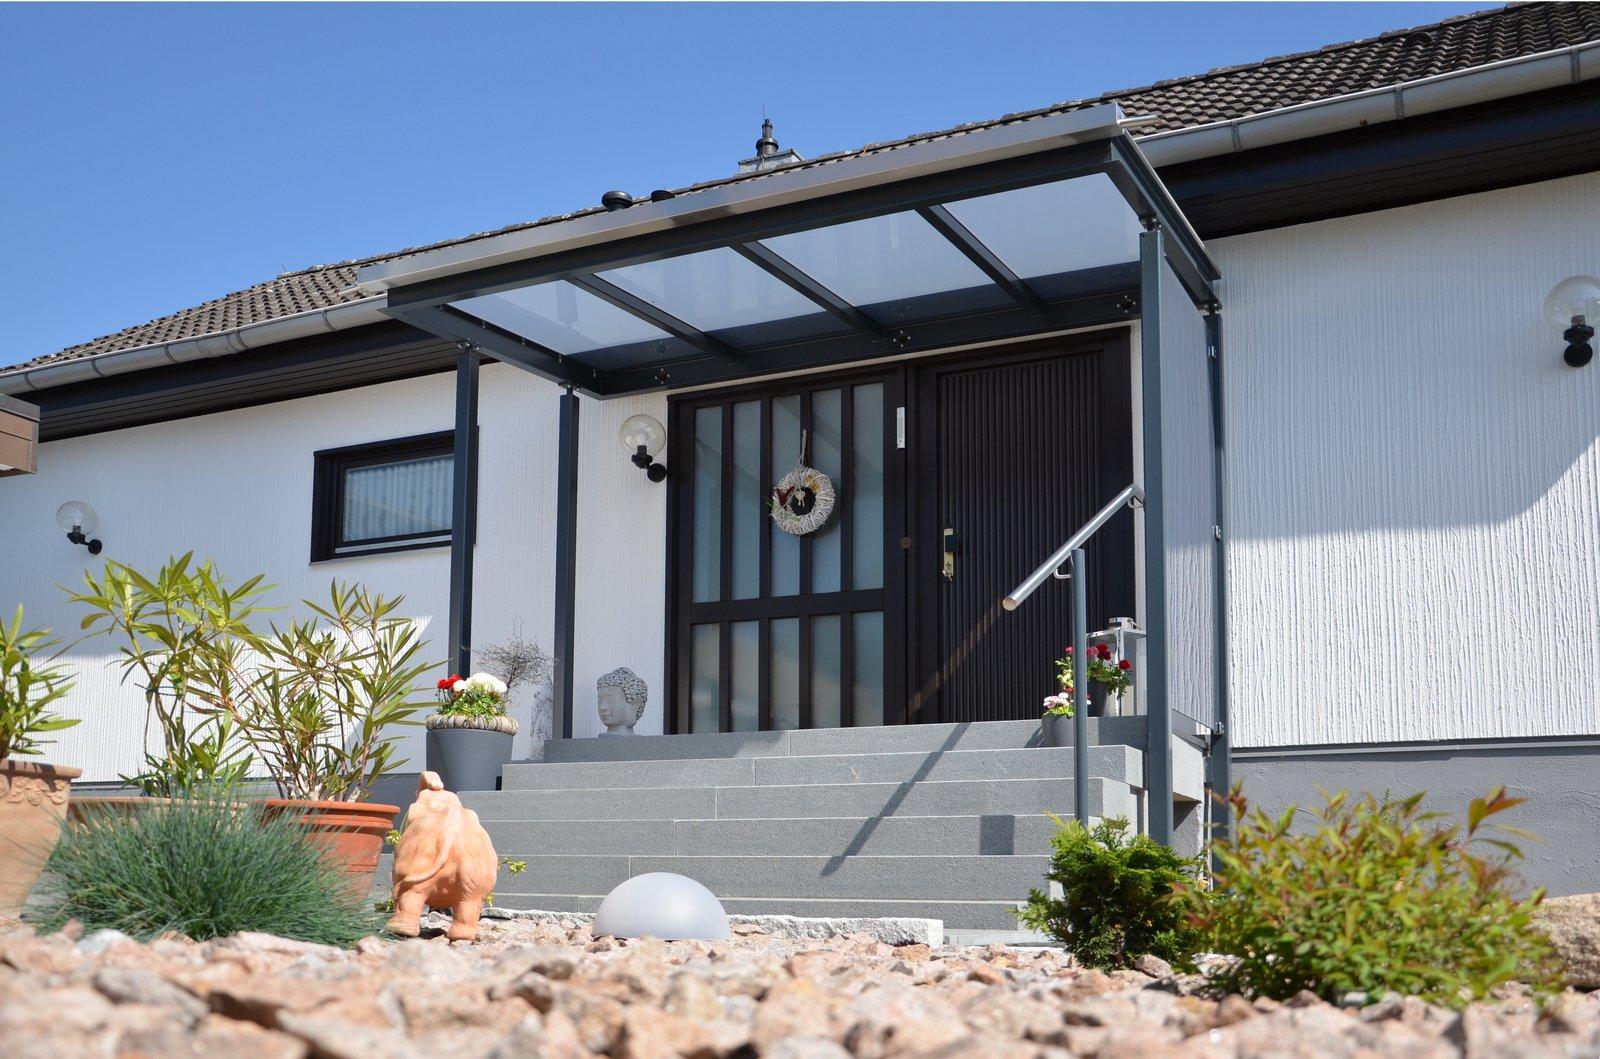 Einzigartig Windfang Hauseingang Geschlossen Das Beste Von Glas.